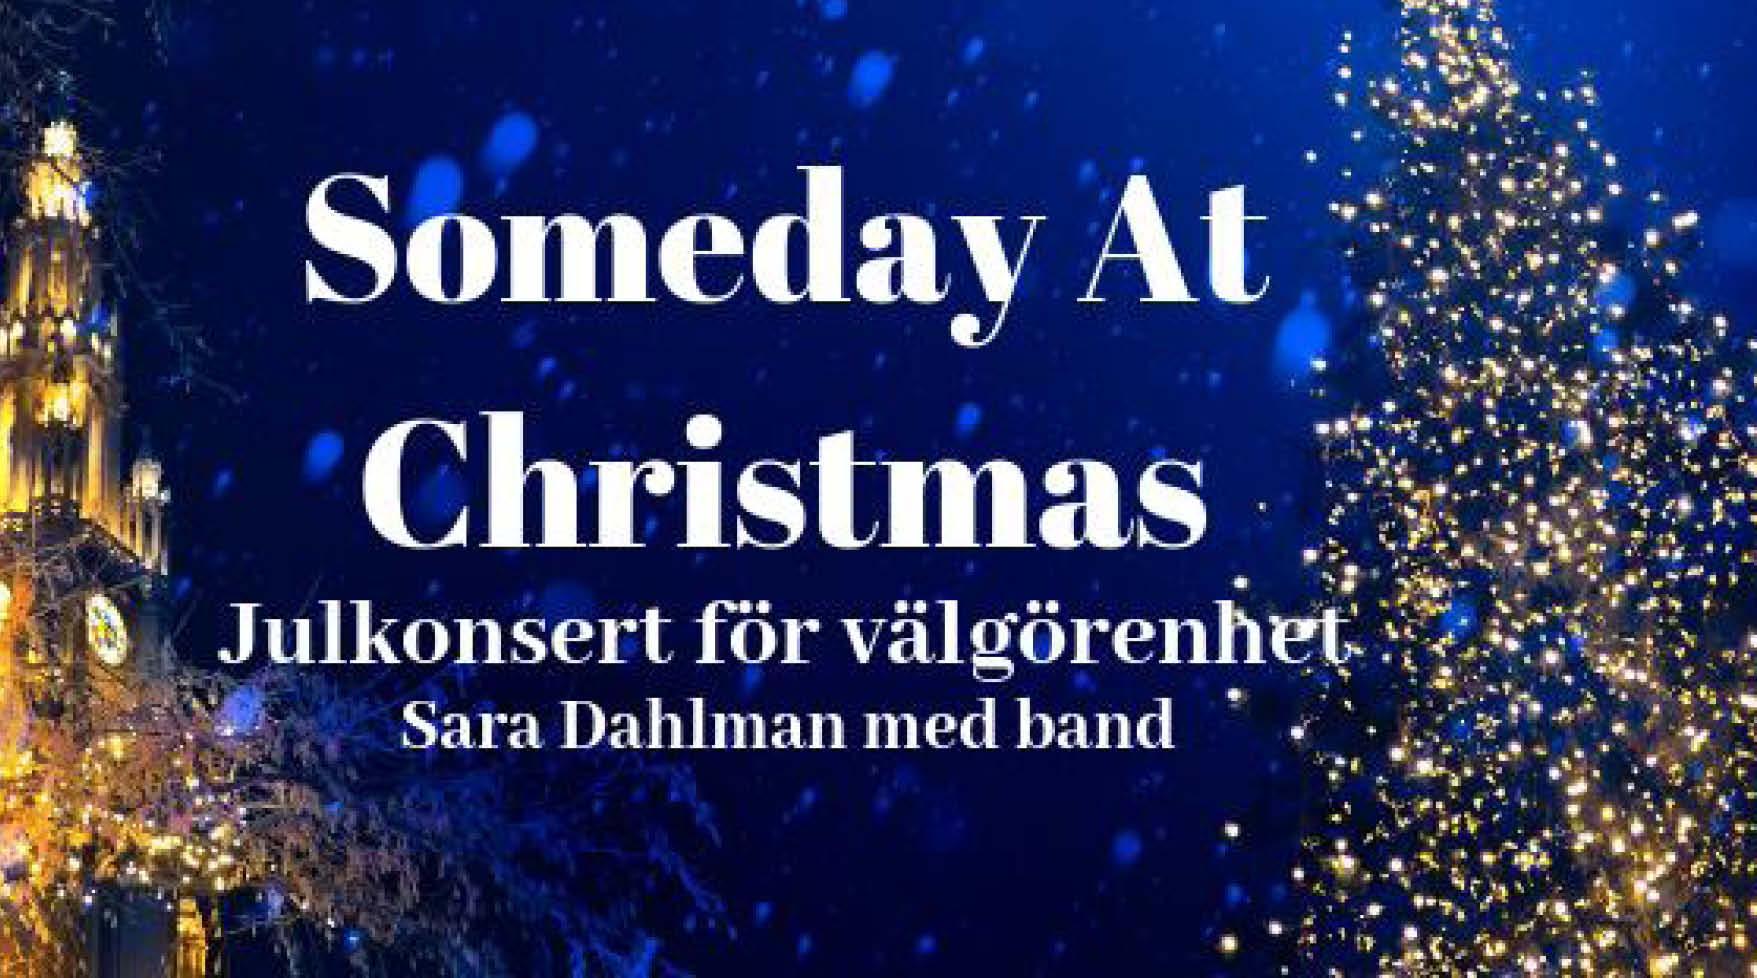 Julkonsert för Rädda Barnen: 13 Someday At Christmas